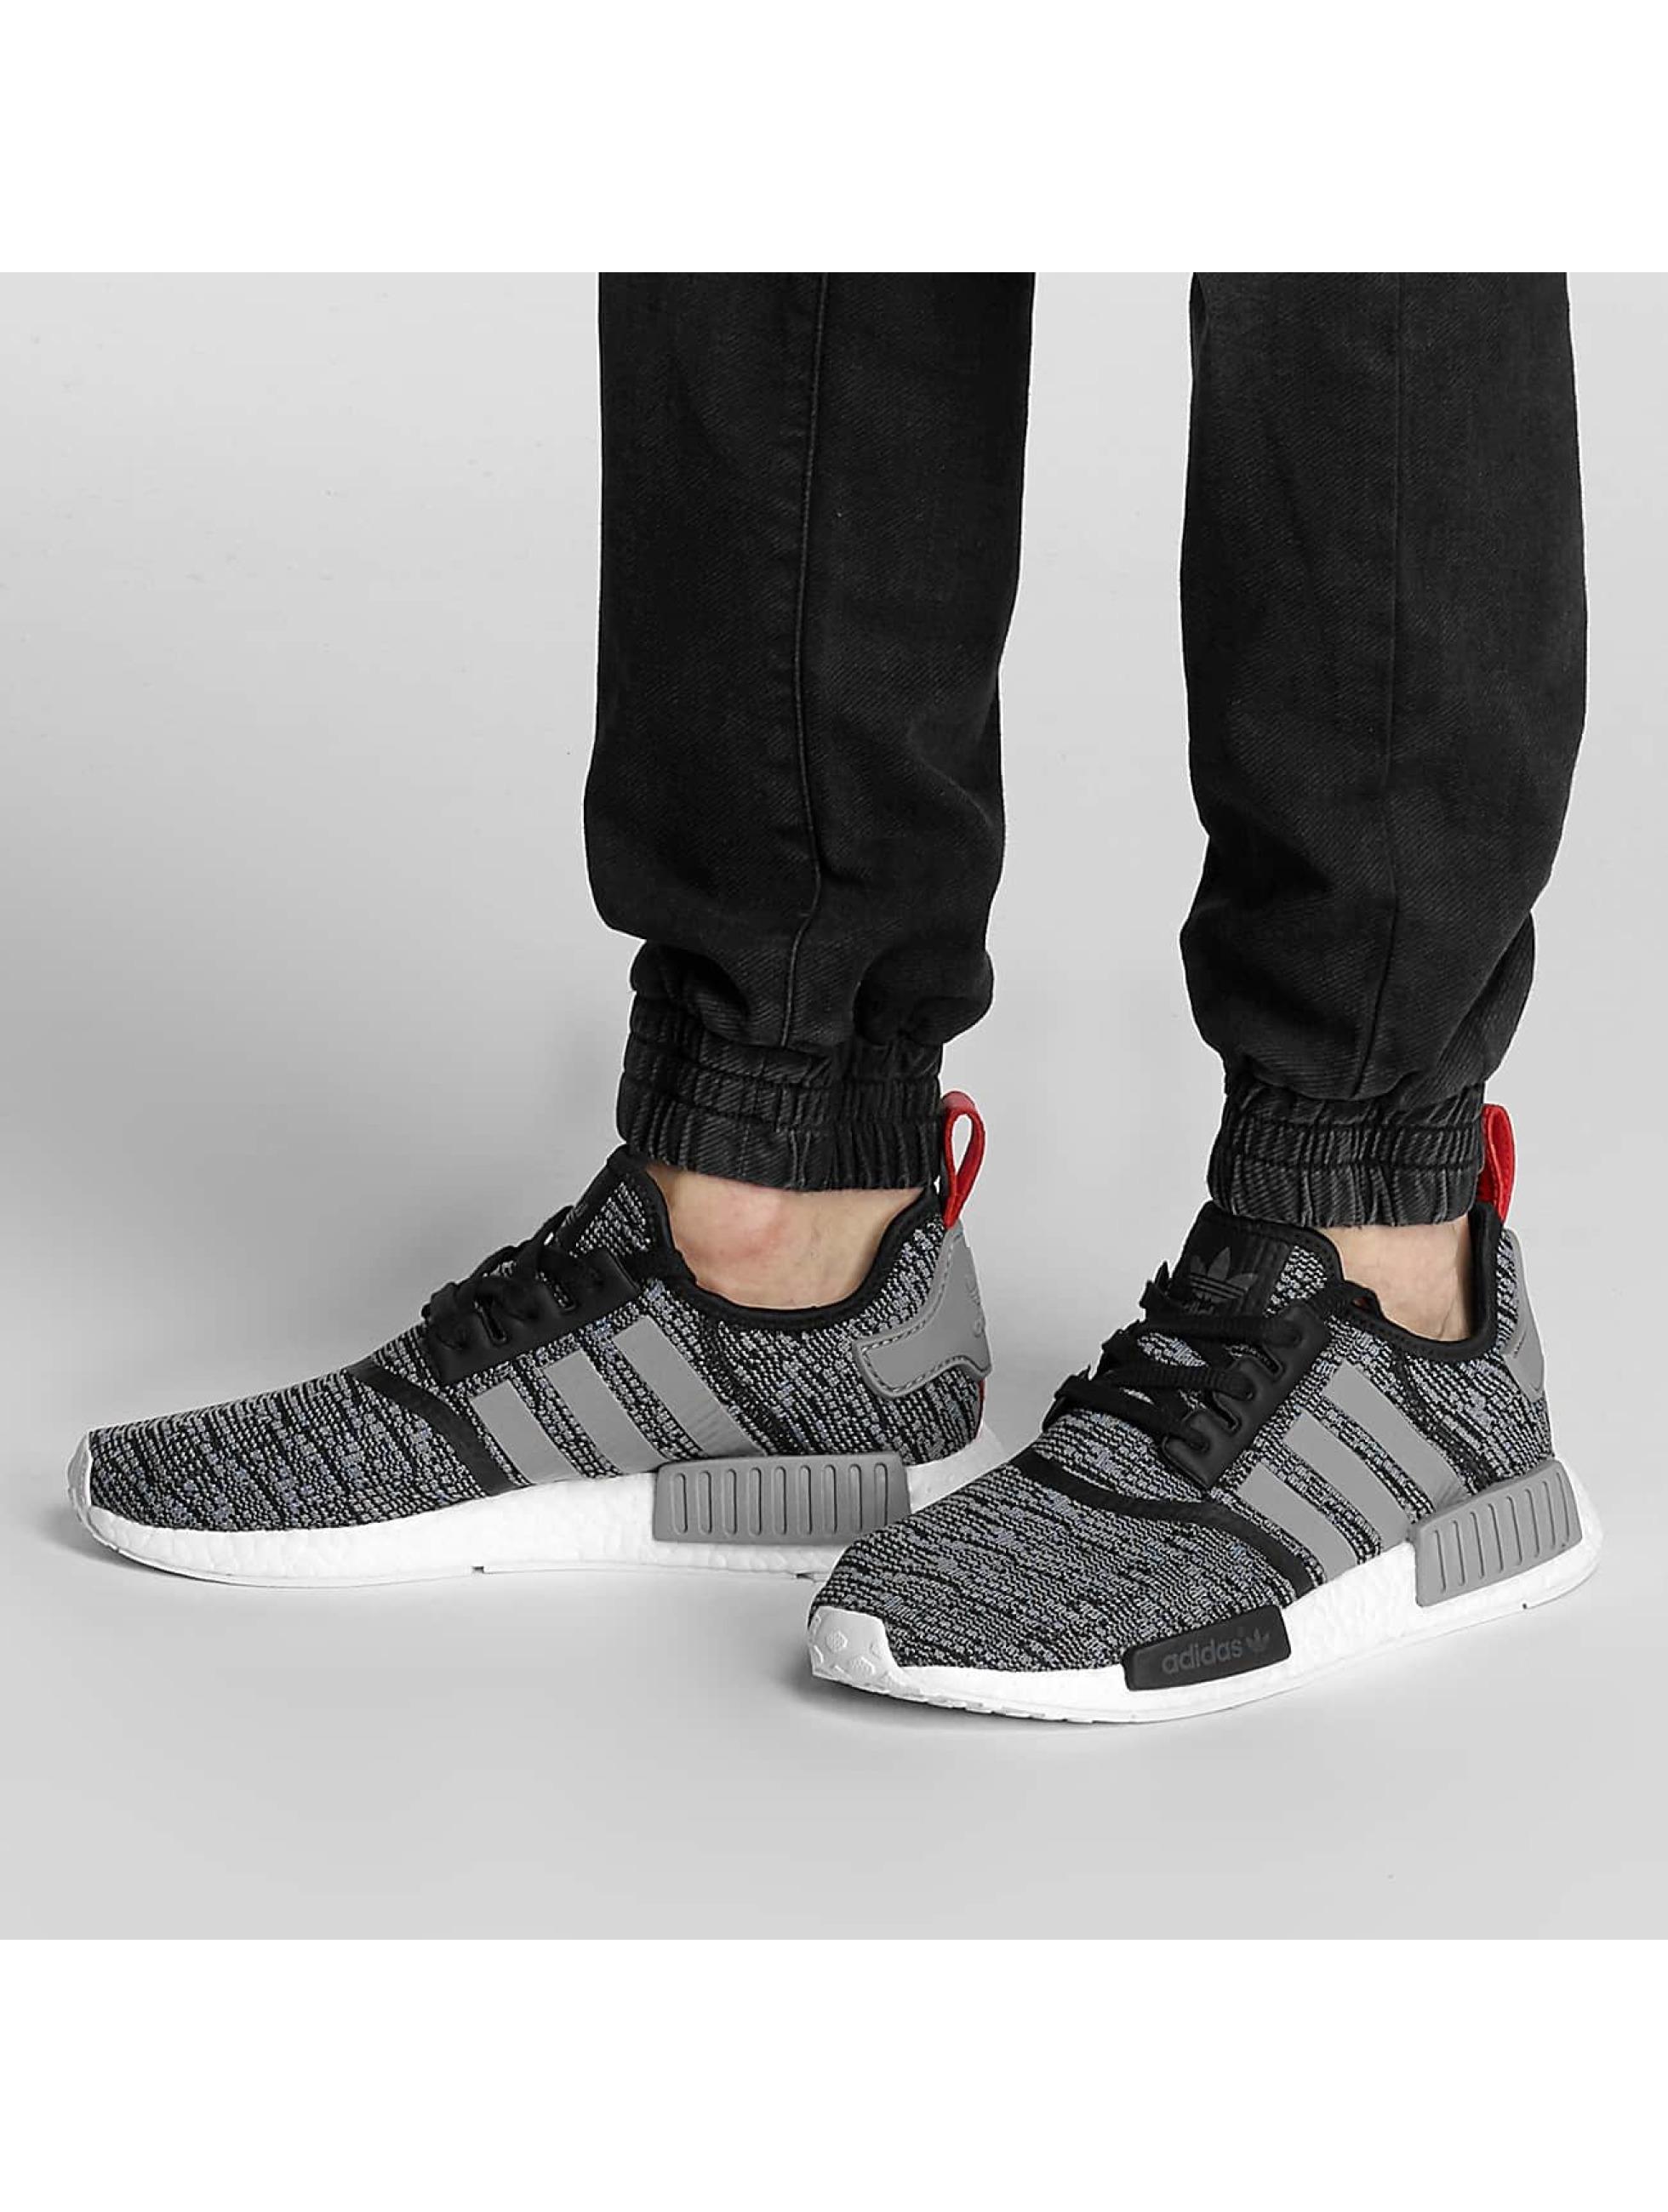 Sneaker NMD R1 in schwarz